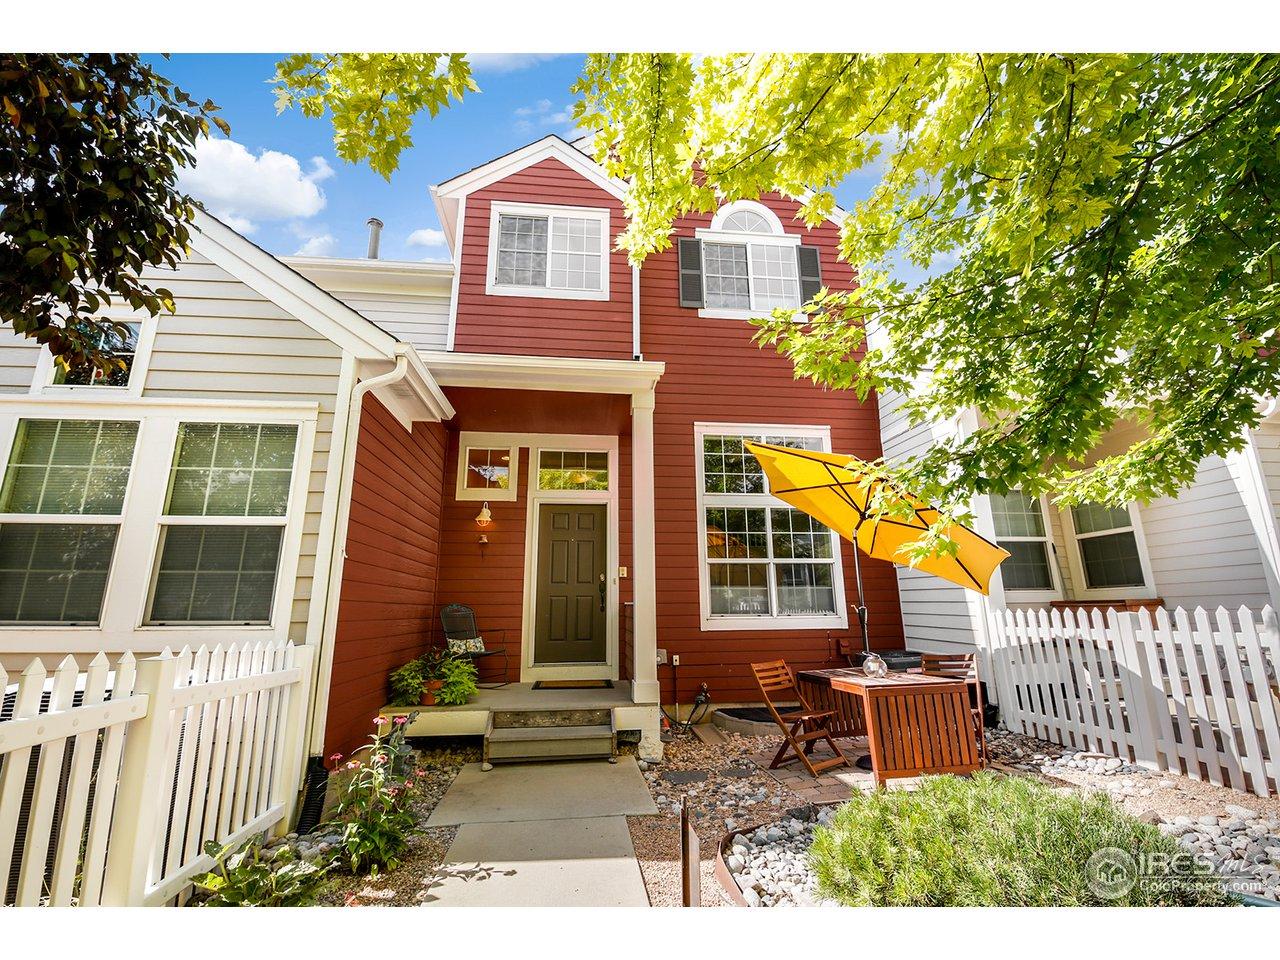 841 Snowberry St, Longmont CO 80503